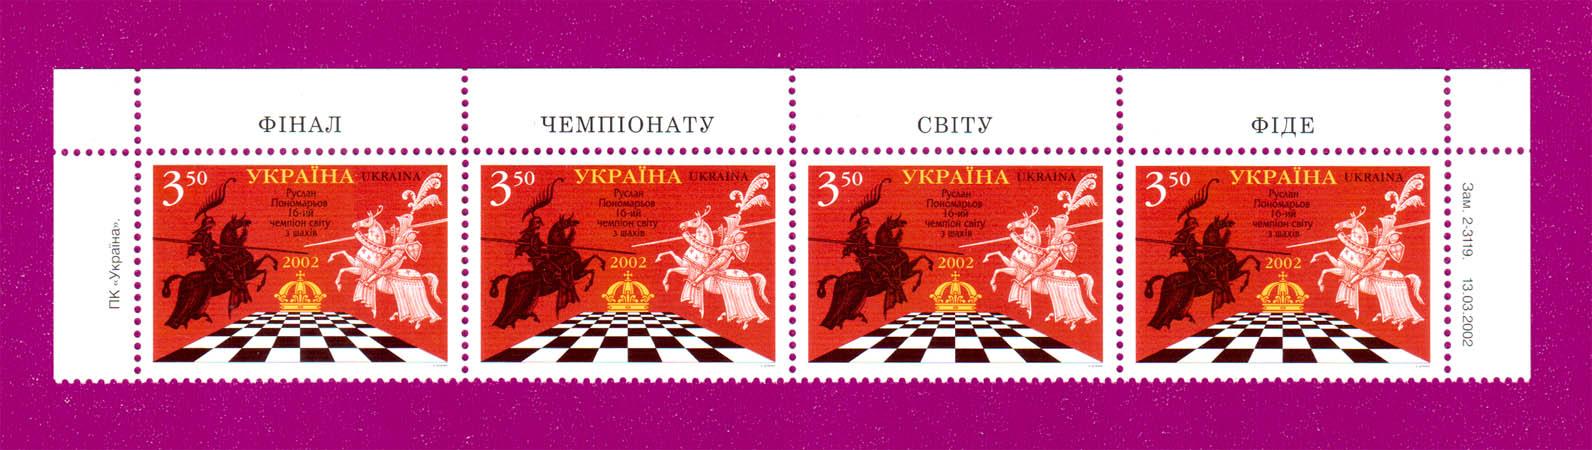 2002 верх листа Шахматы Пономарев Украина